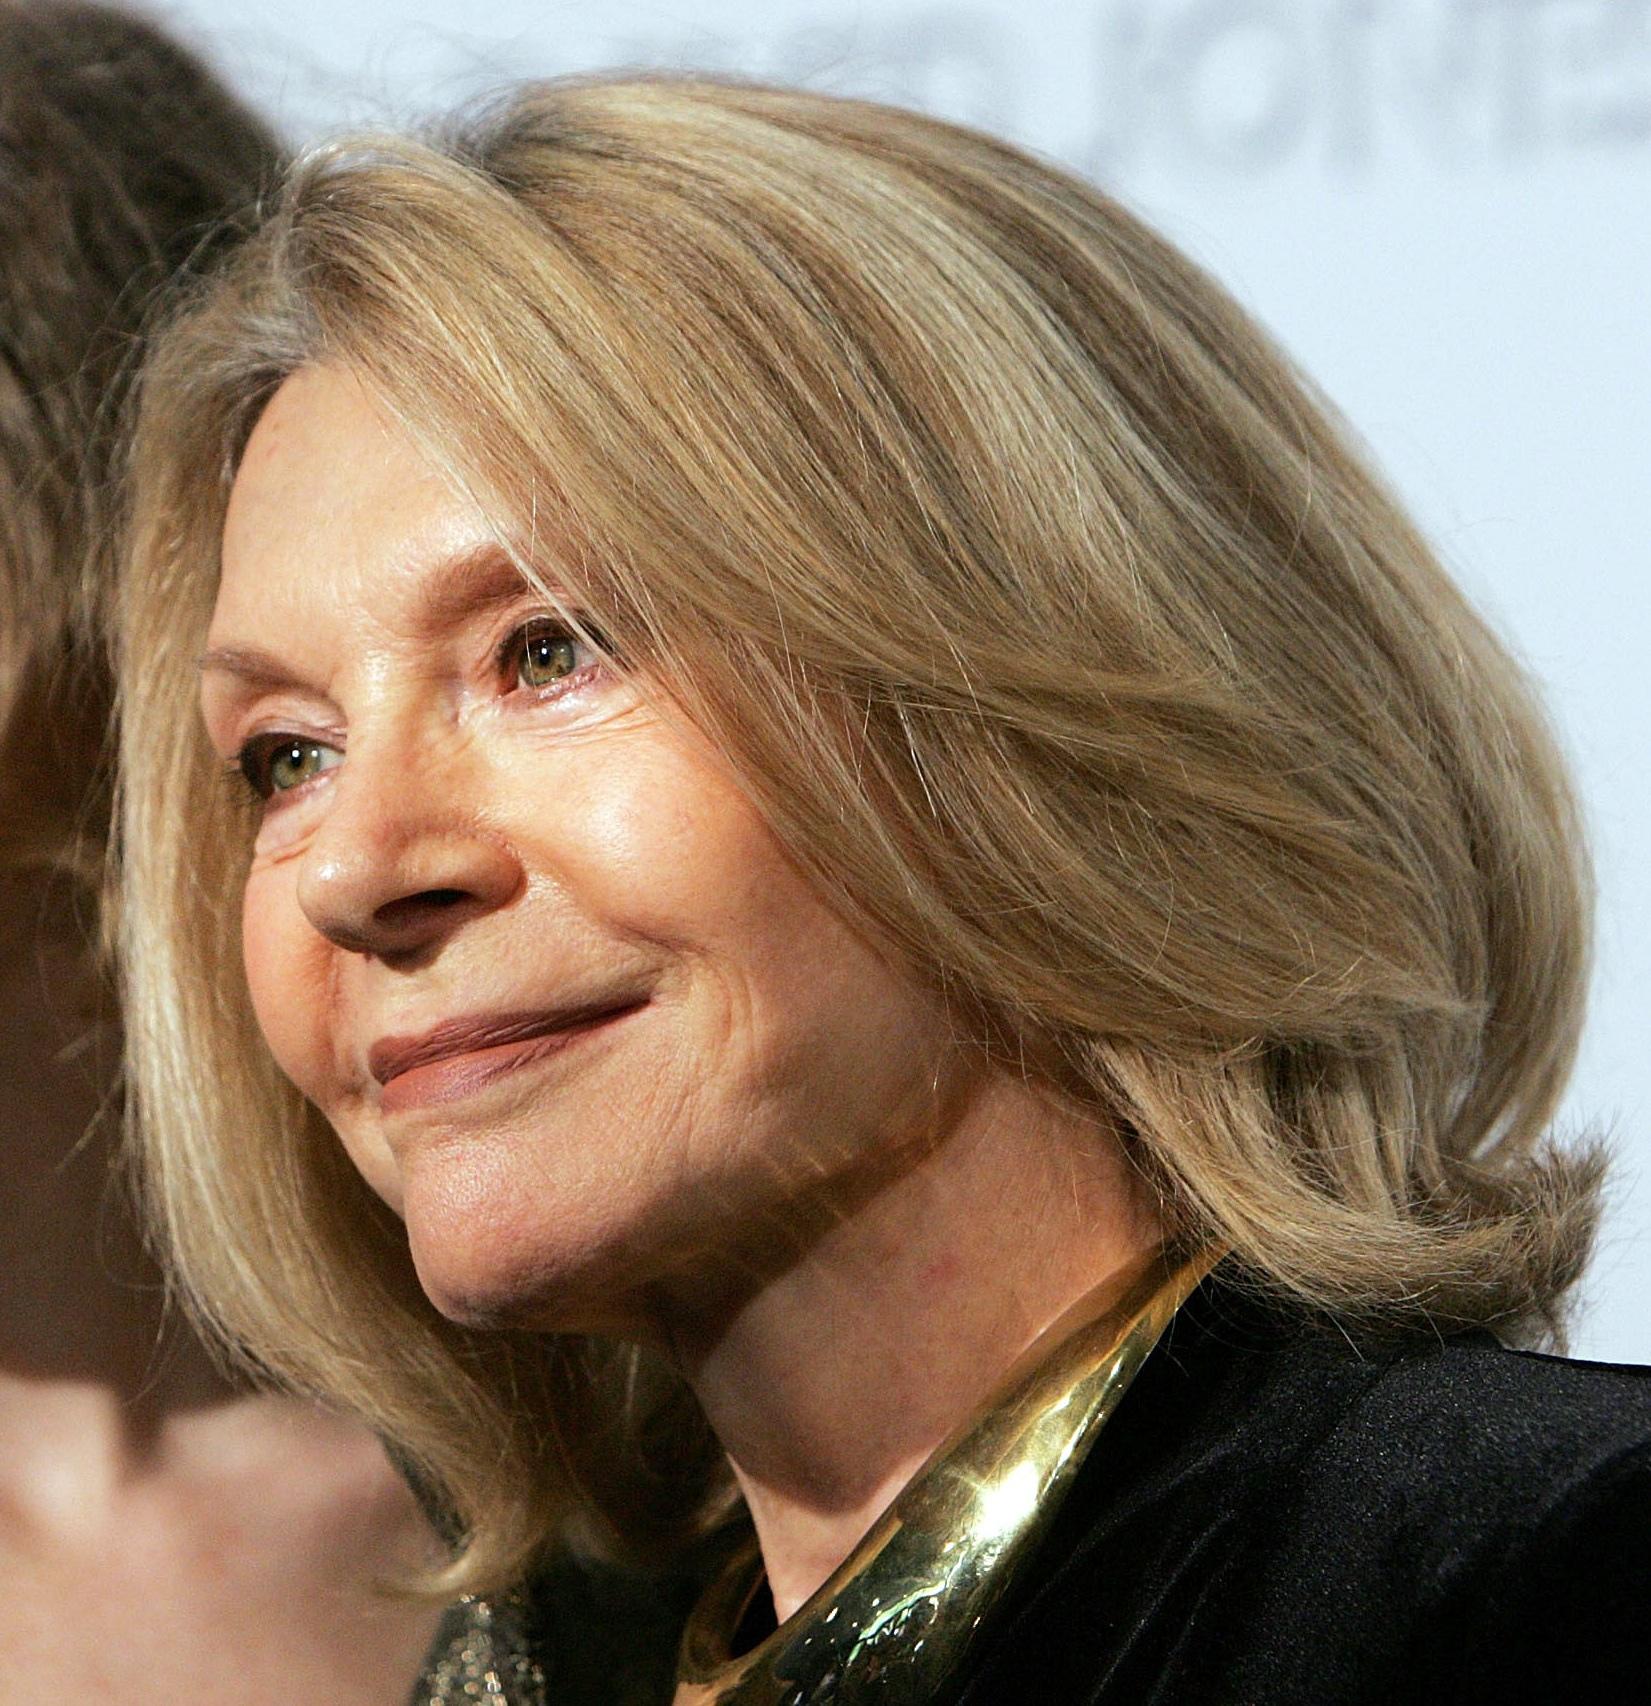 Прически 50 летней женщины на средние волосы